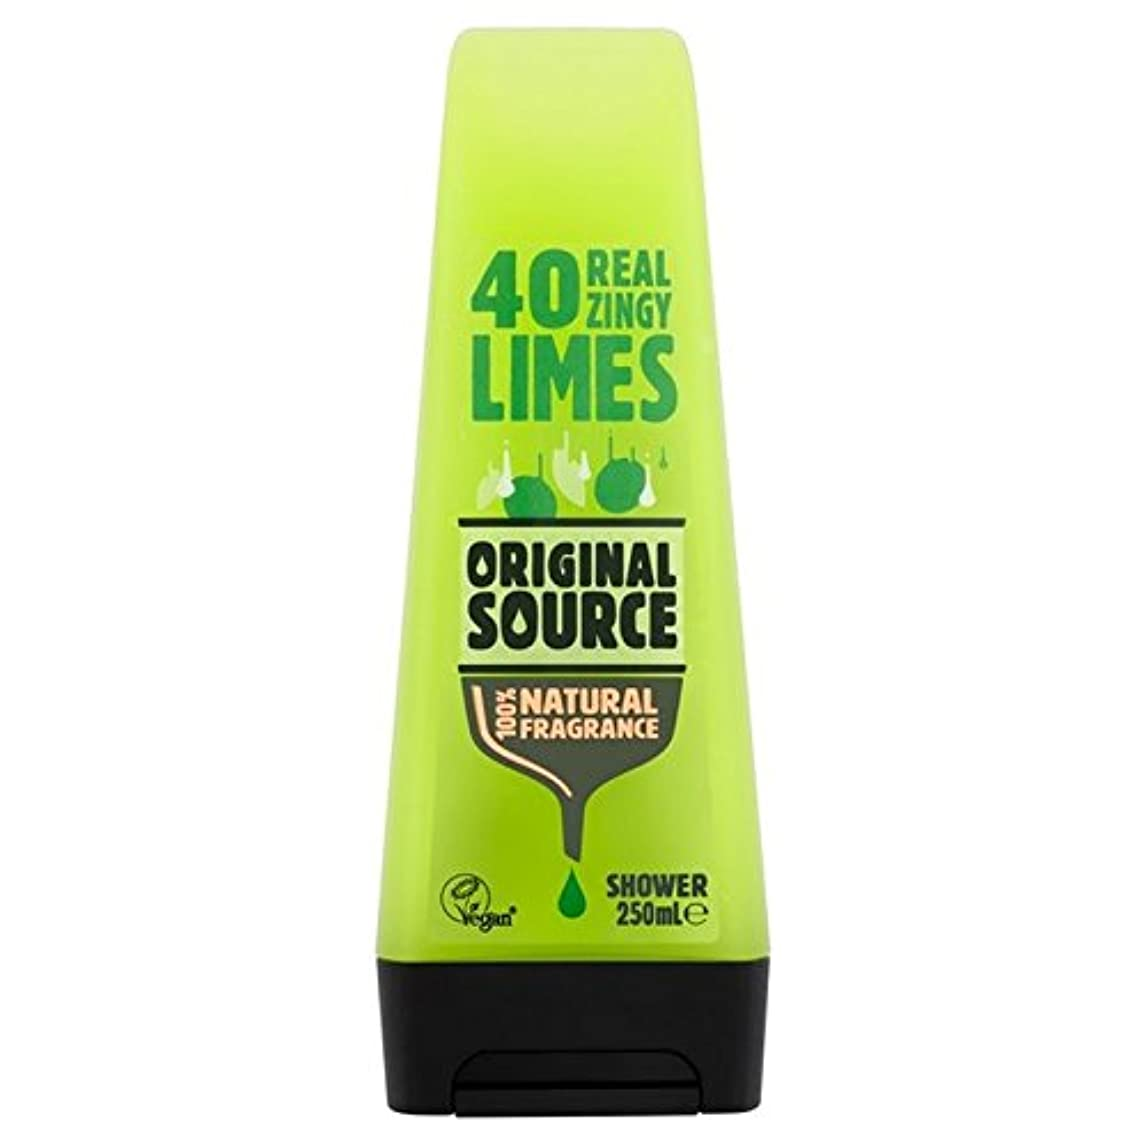 パースマサッチョプレミア元のソースライムシャワージェル250ミリリットル x2 - Original Source Lime Shower Gel 250ml (Pack of 2) [並行輸入品]